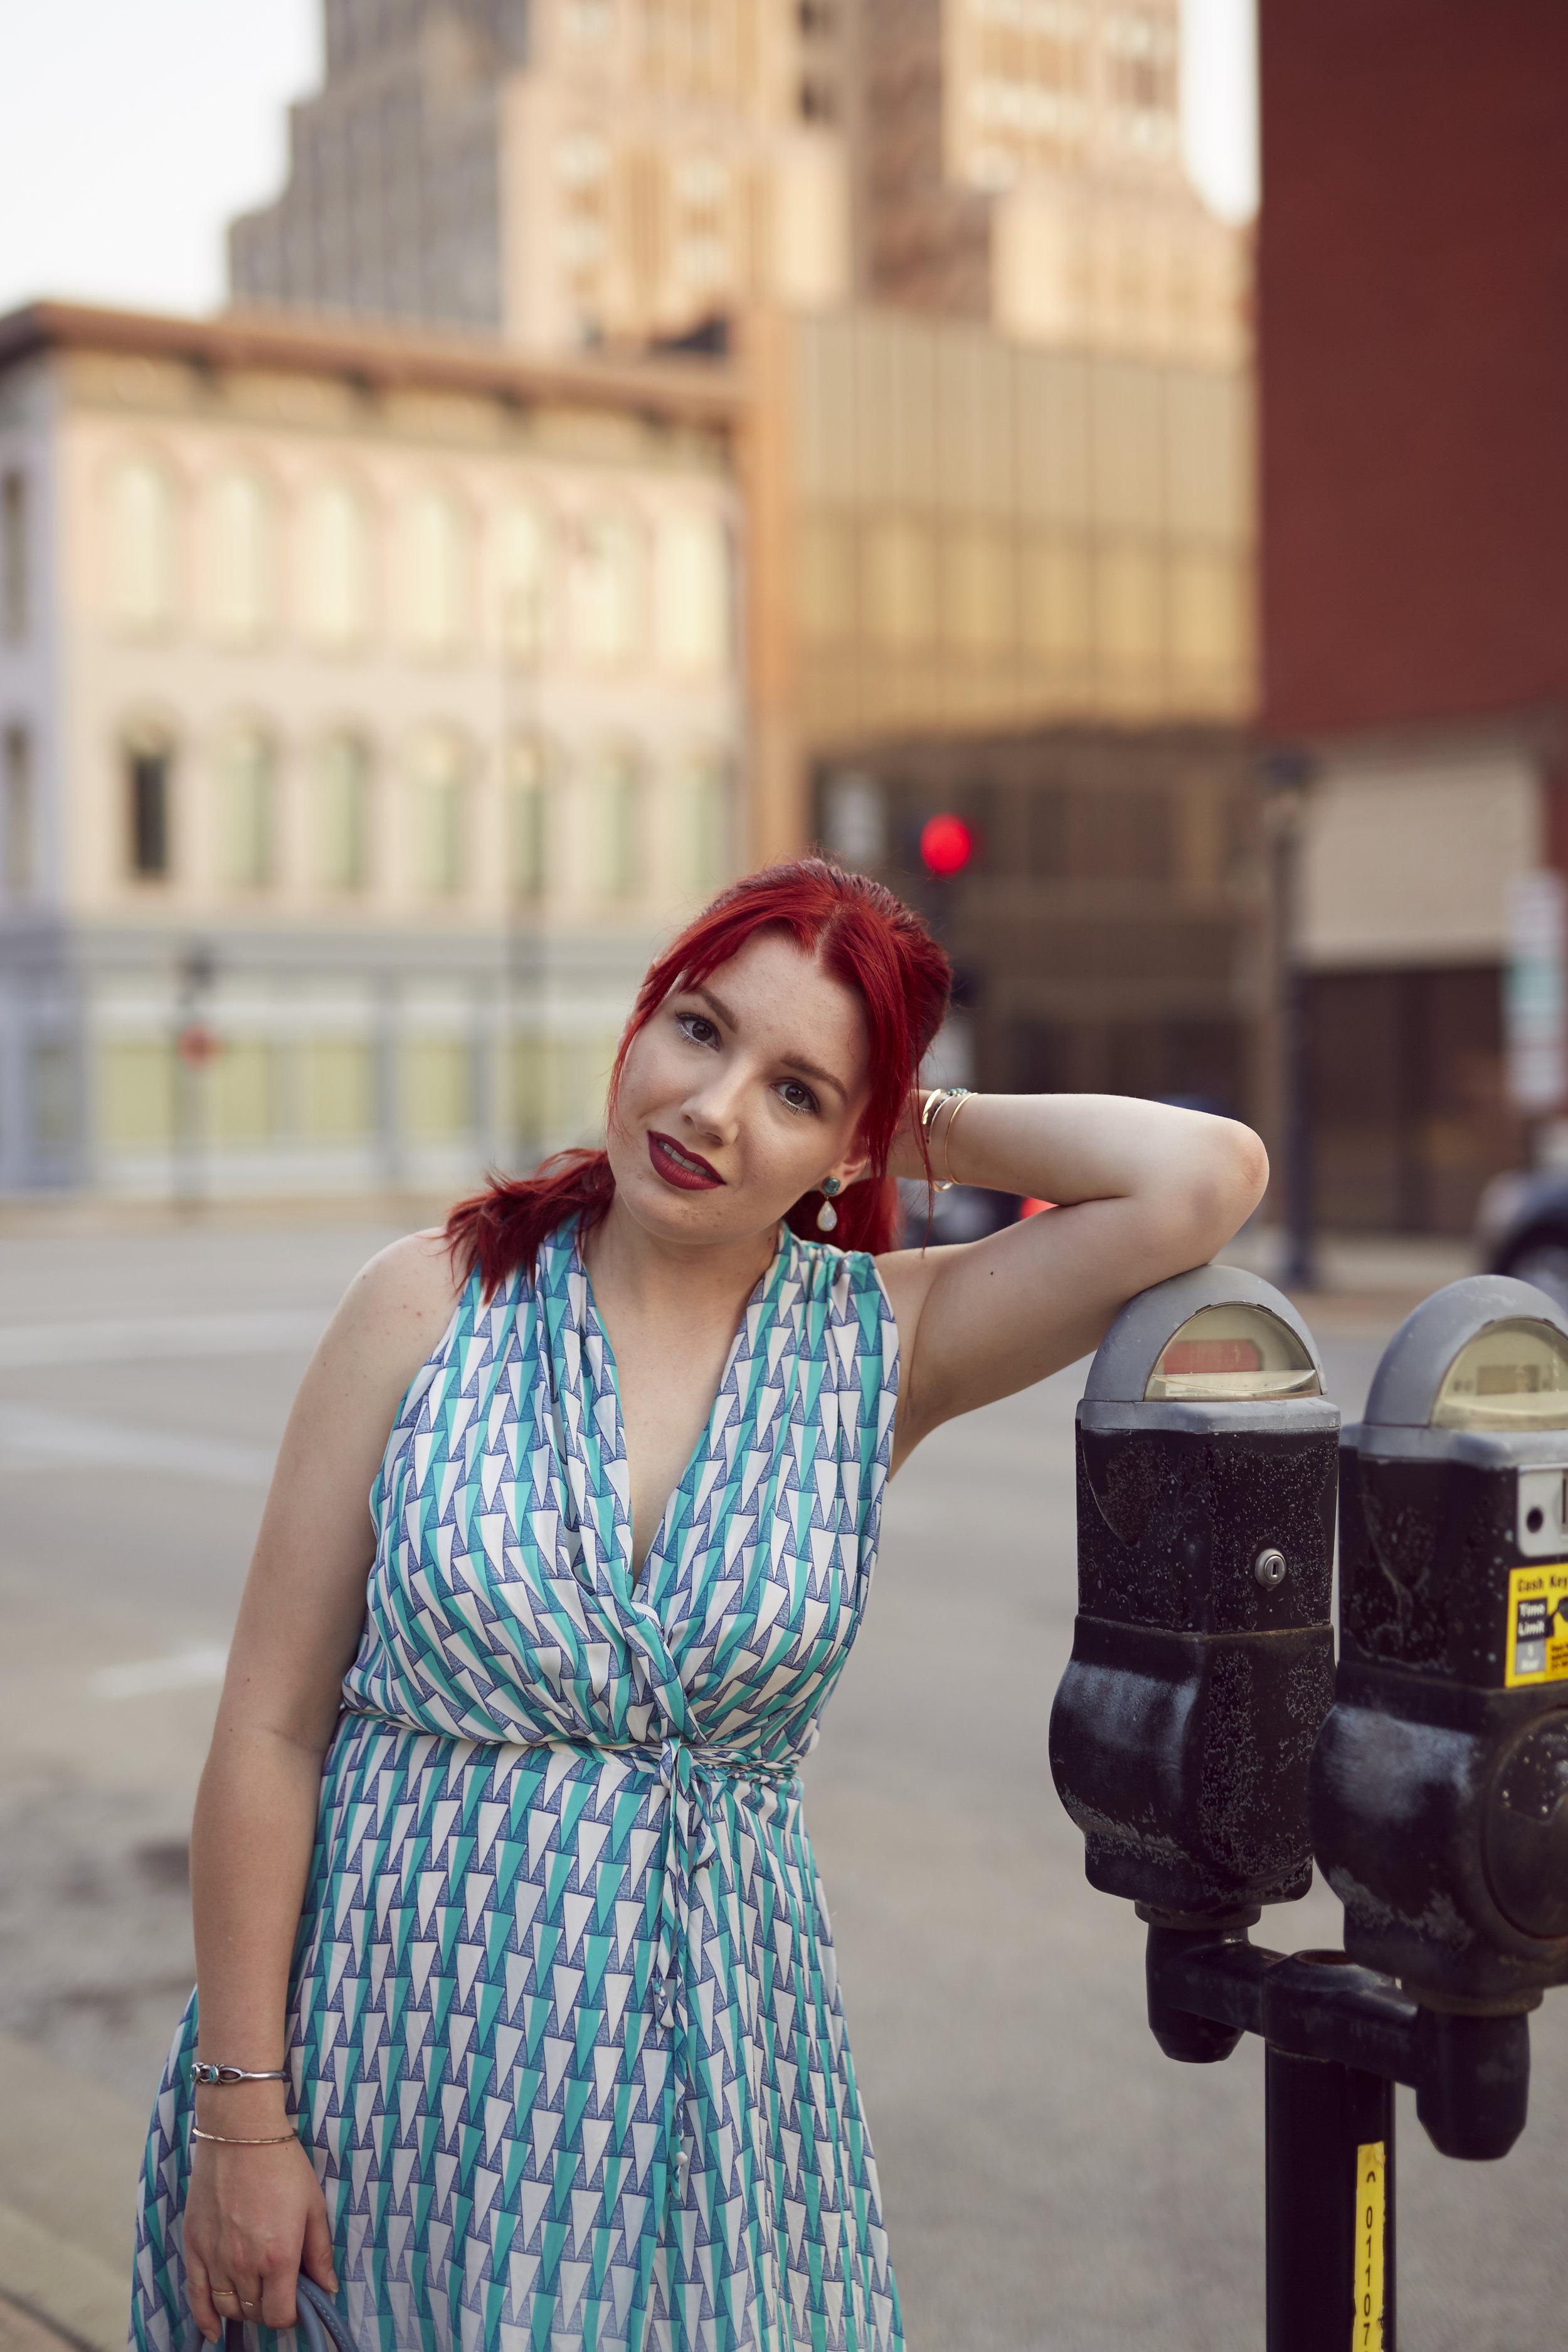 Julia - brphoto - 6I5A4565.jpg